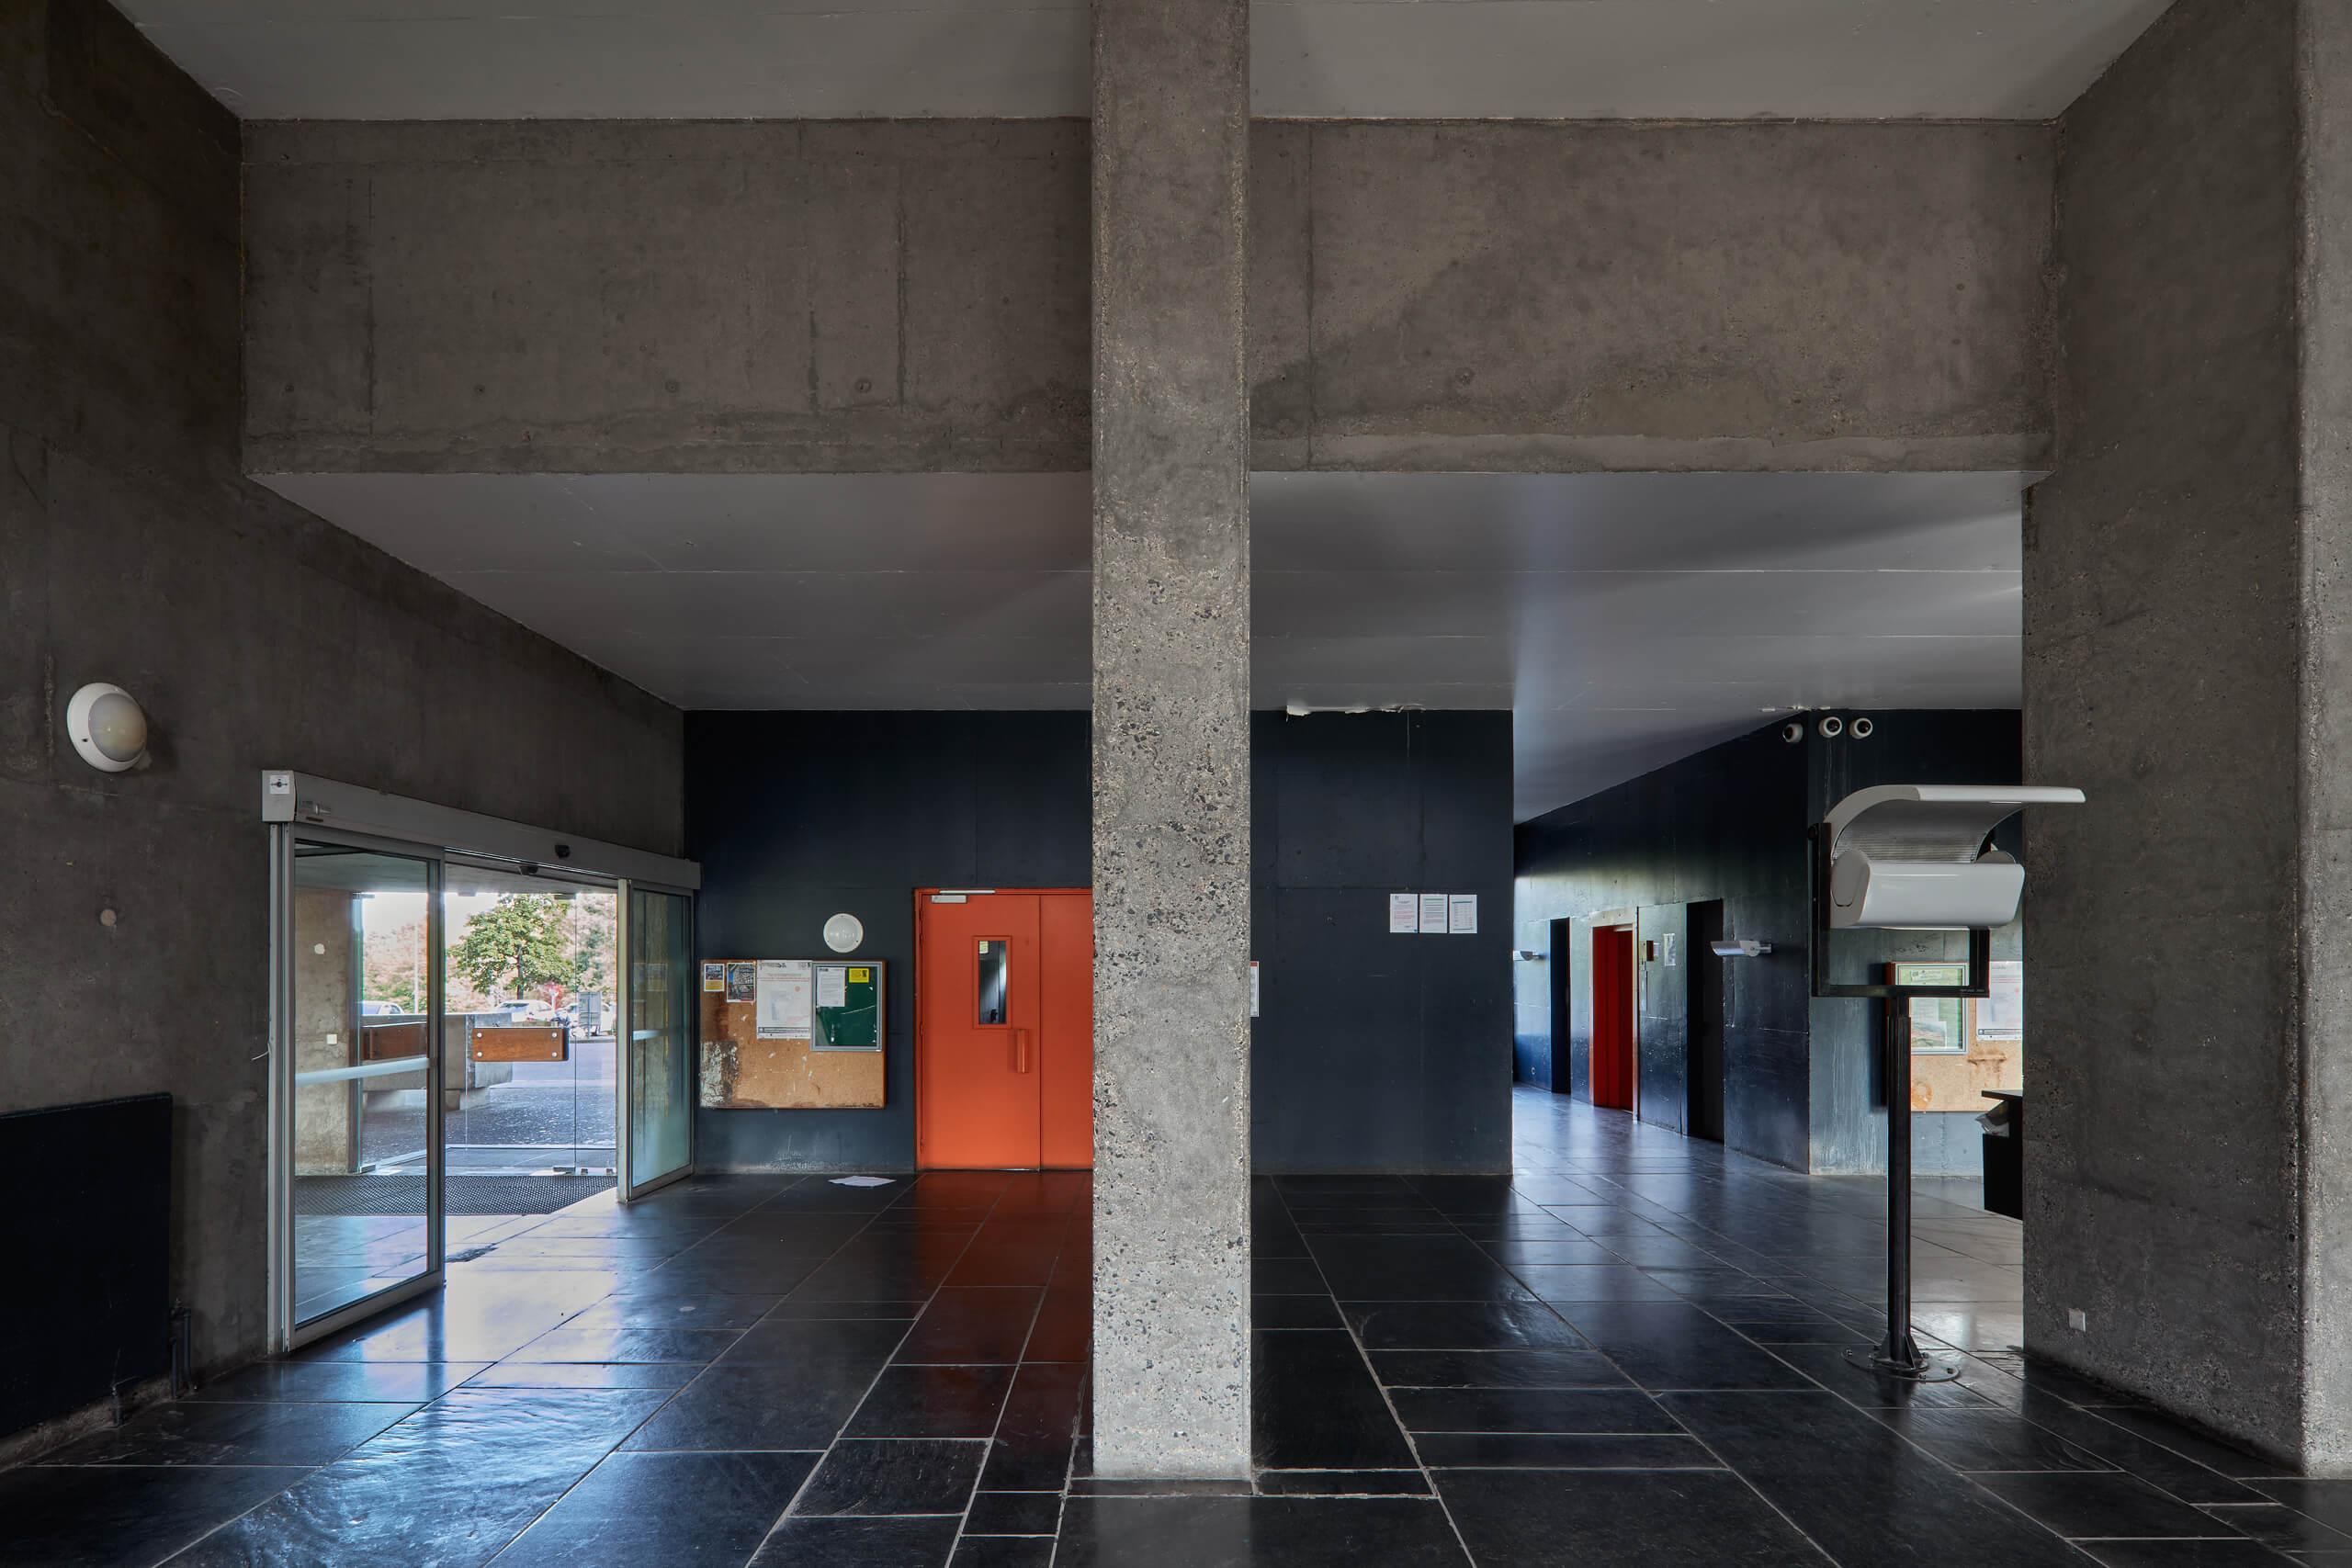 Federico_Covre_Unité_Firminy_Le_Corbusier_2018_26